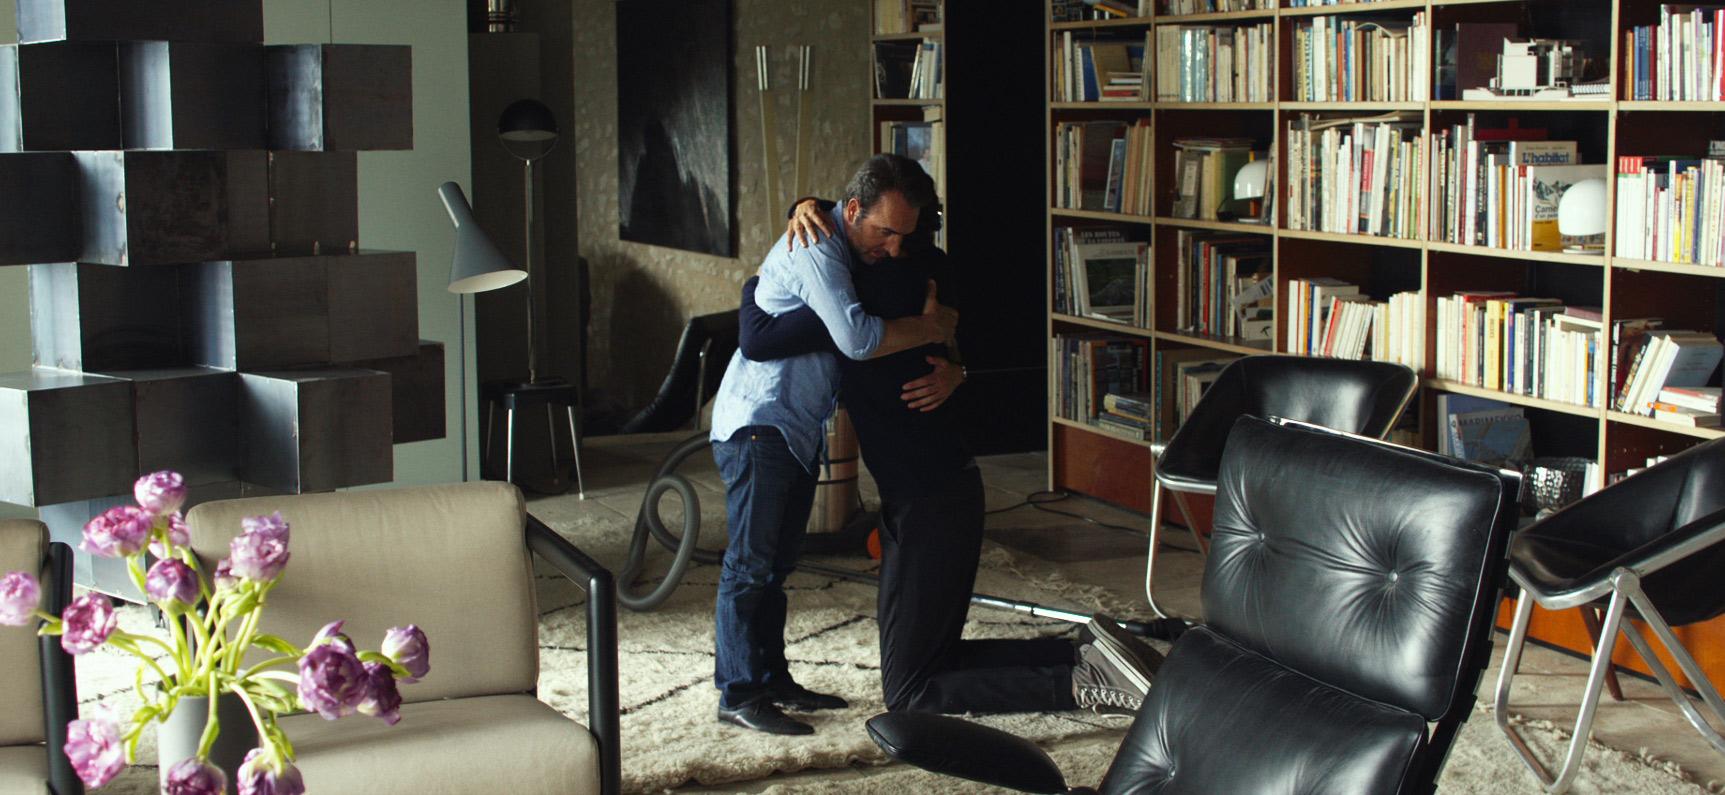 Любовь не по размеру (2016) всё о фильме, отзывы, рецензии.